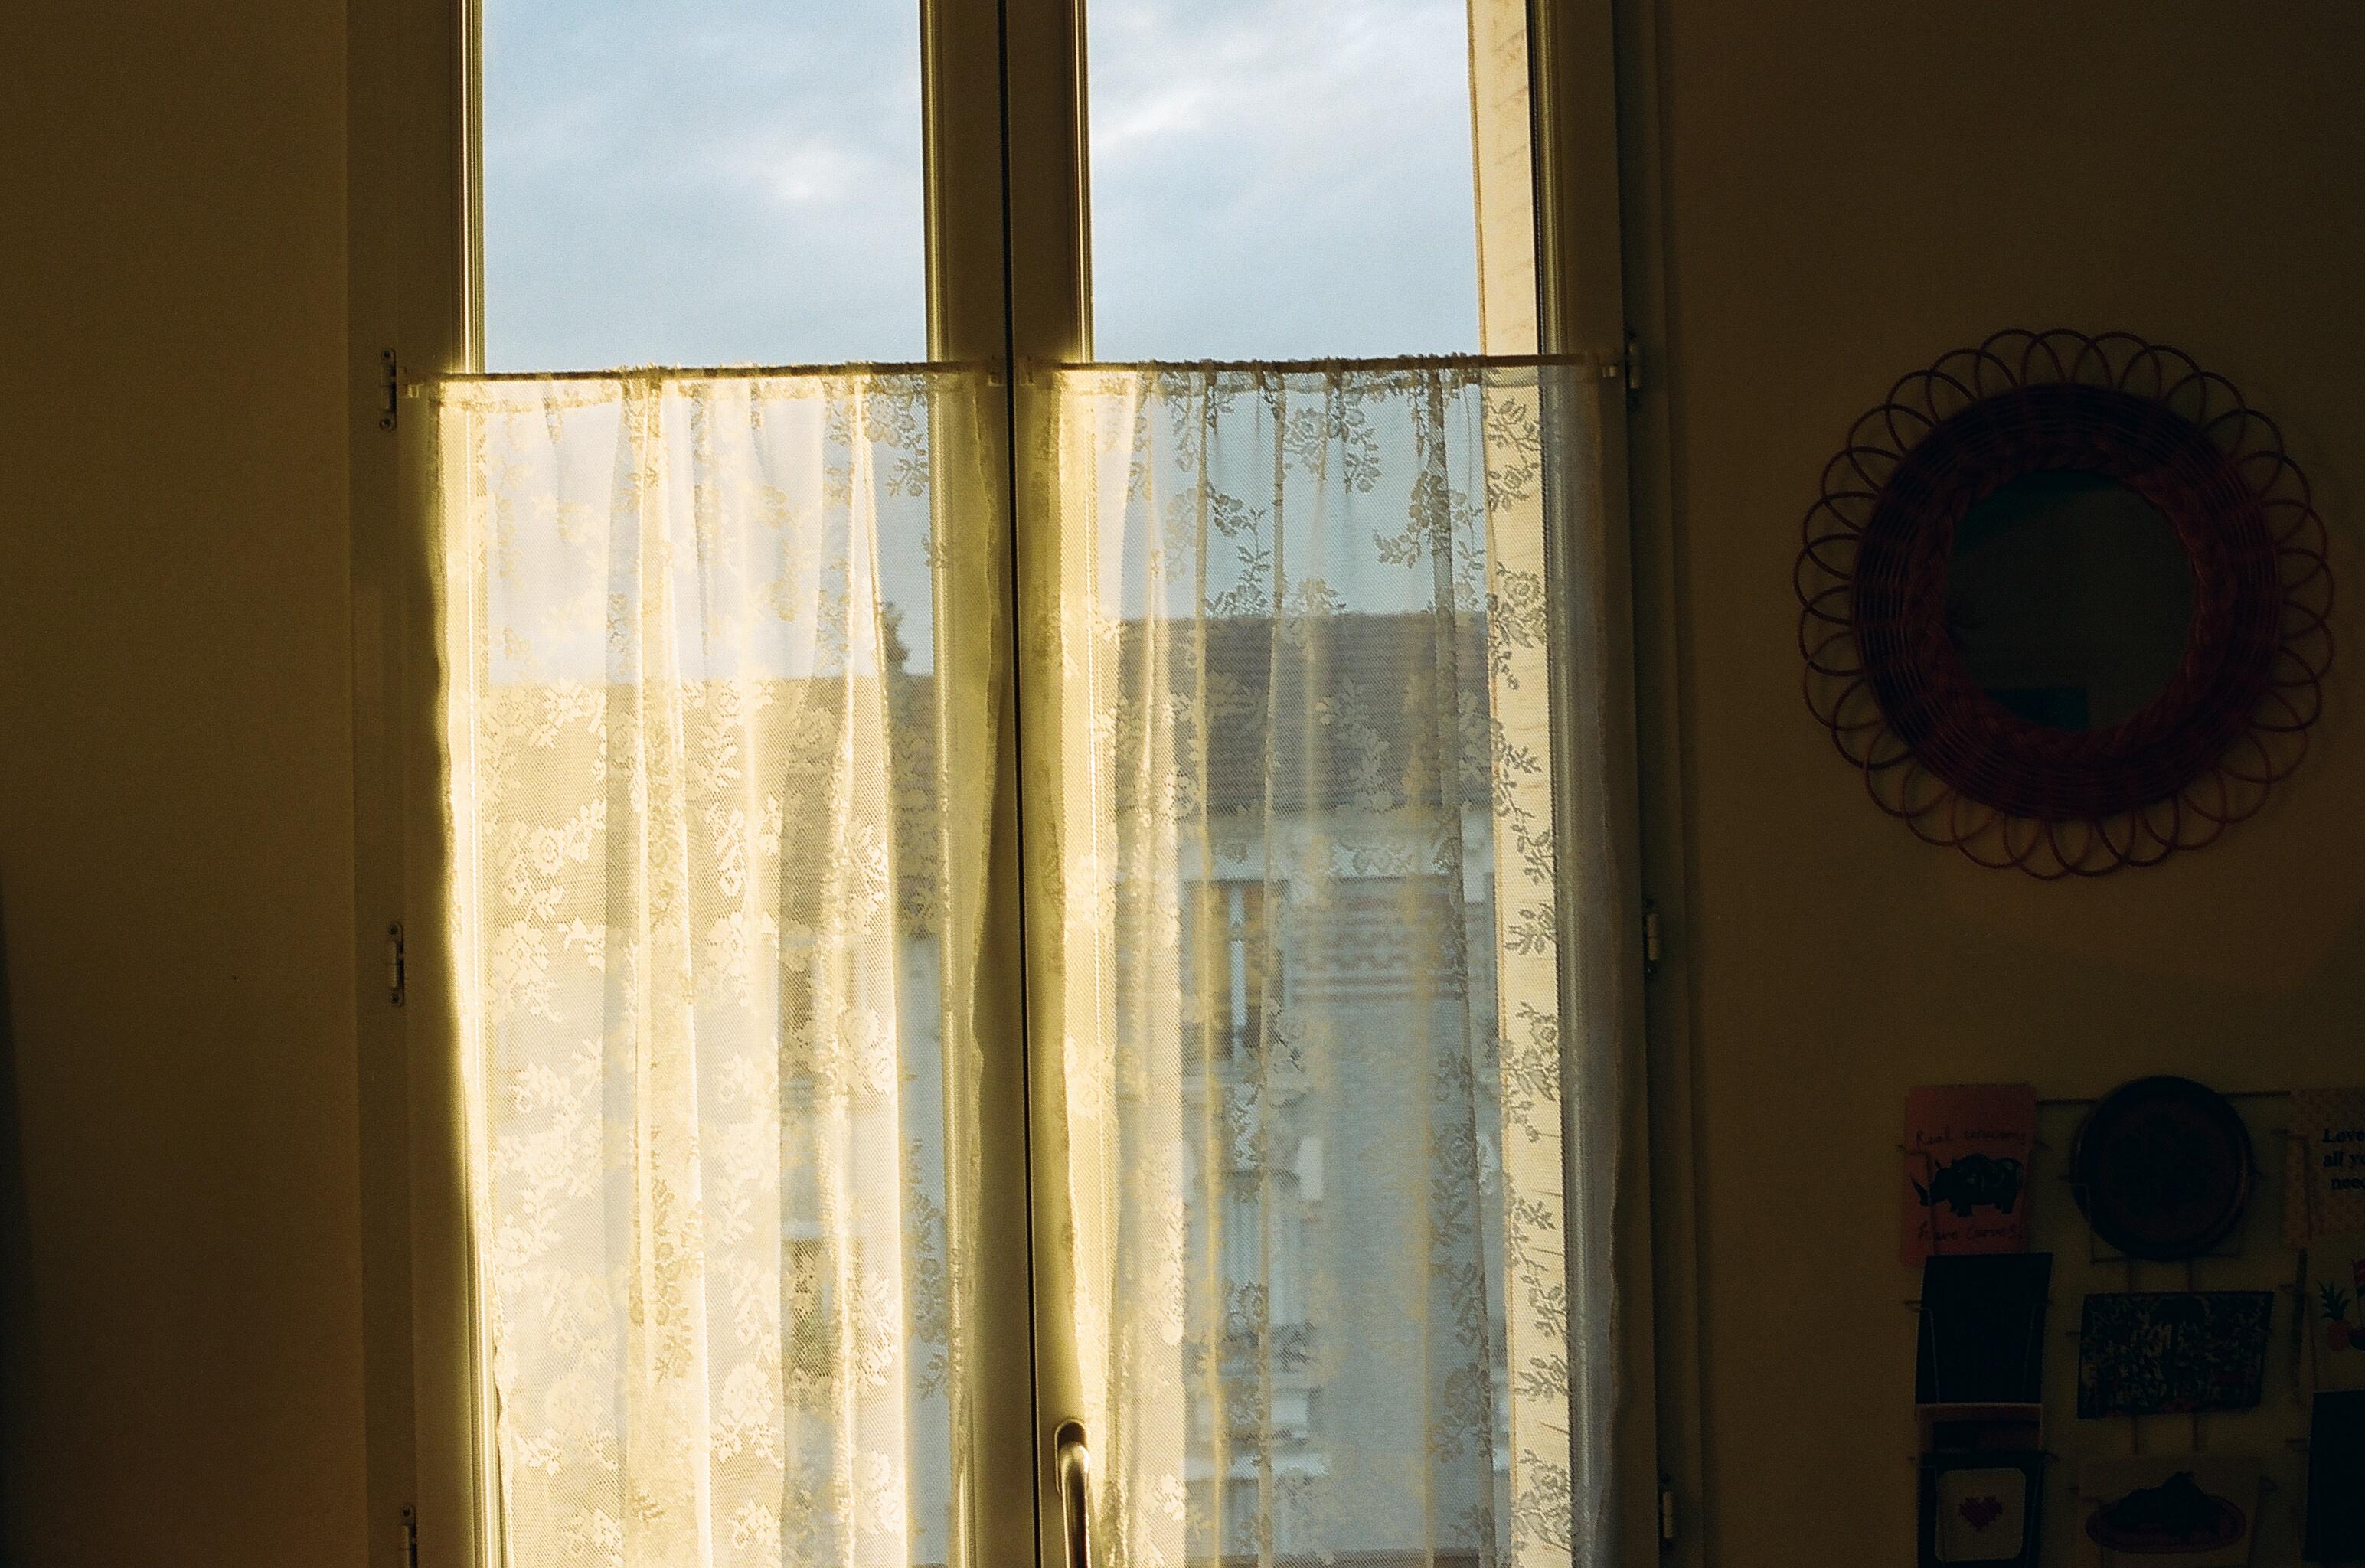 fenetre-lumiere-couche-du-soleil